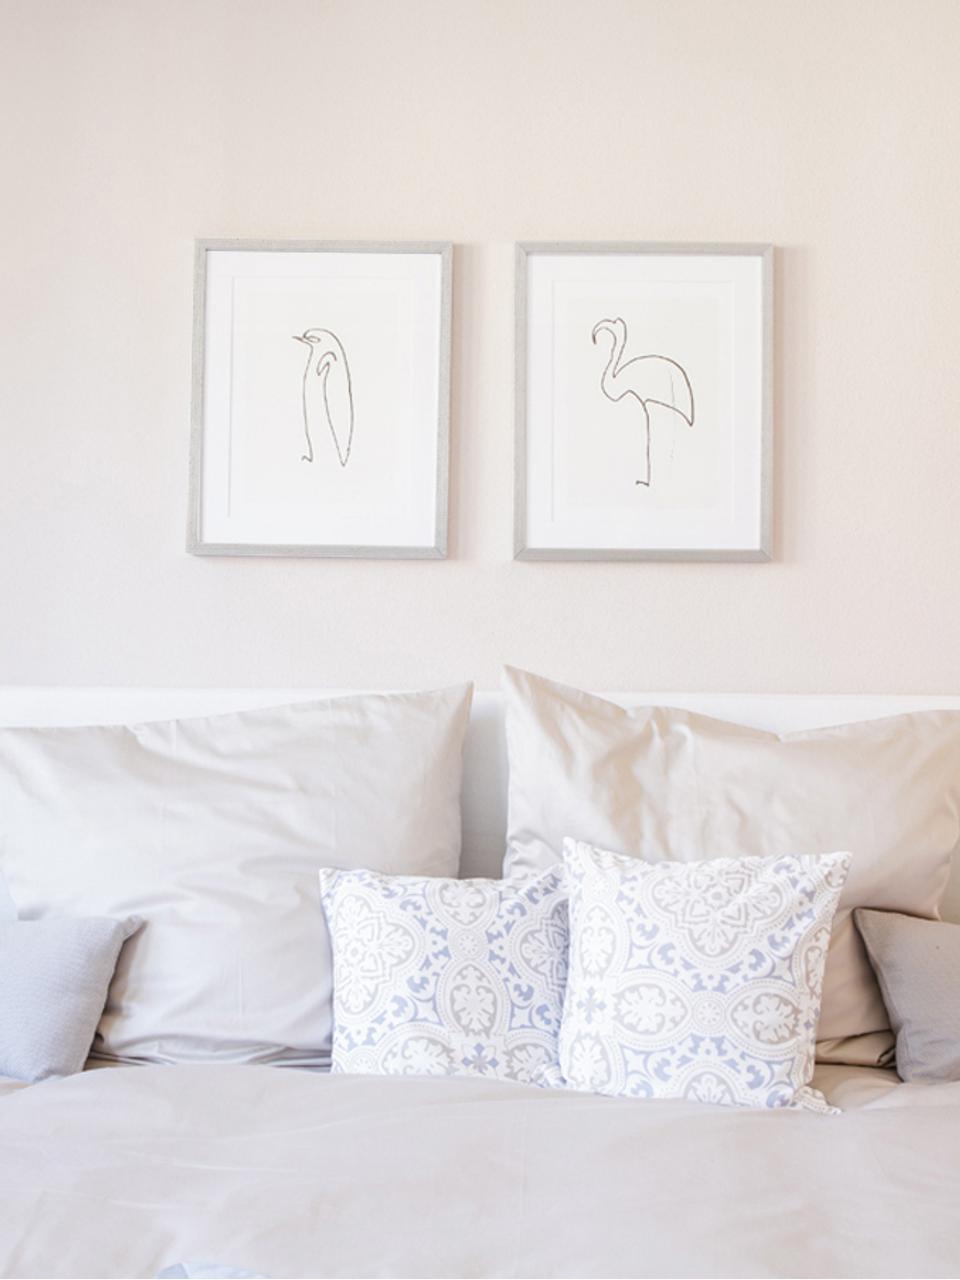 Ingelijste digitale print Picasso's Flamingo, Lijst: kunststof met antieke afw, Print: zwart, wit. Lijst: zilverkleurig, 40 x 50 cm